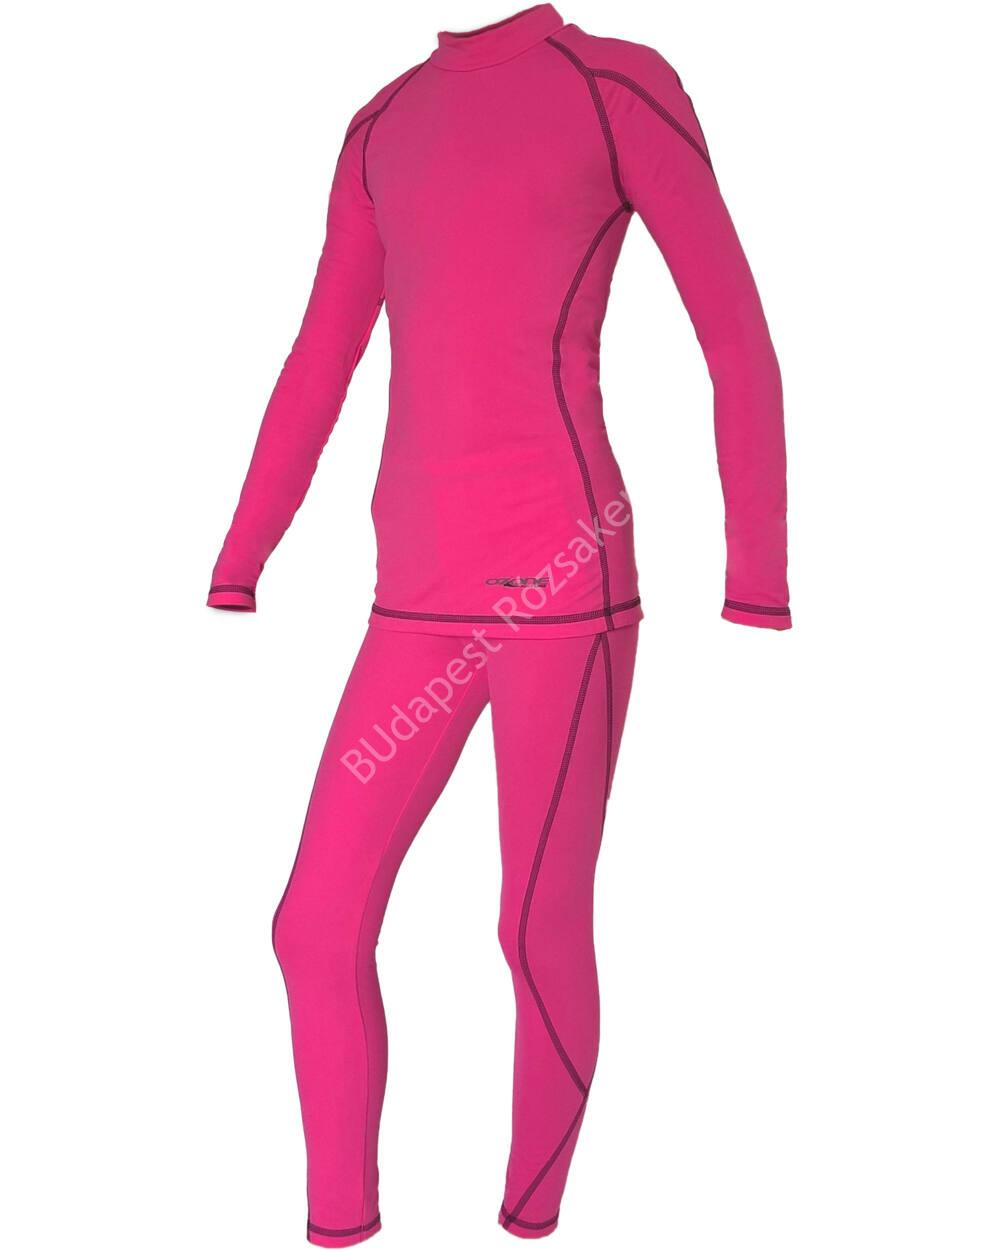 Ozone gyermek téli aláöltözet szett, pink-fehér, 140